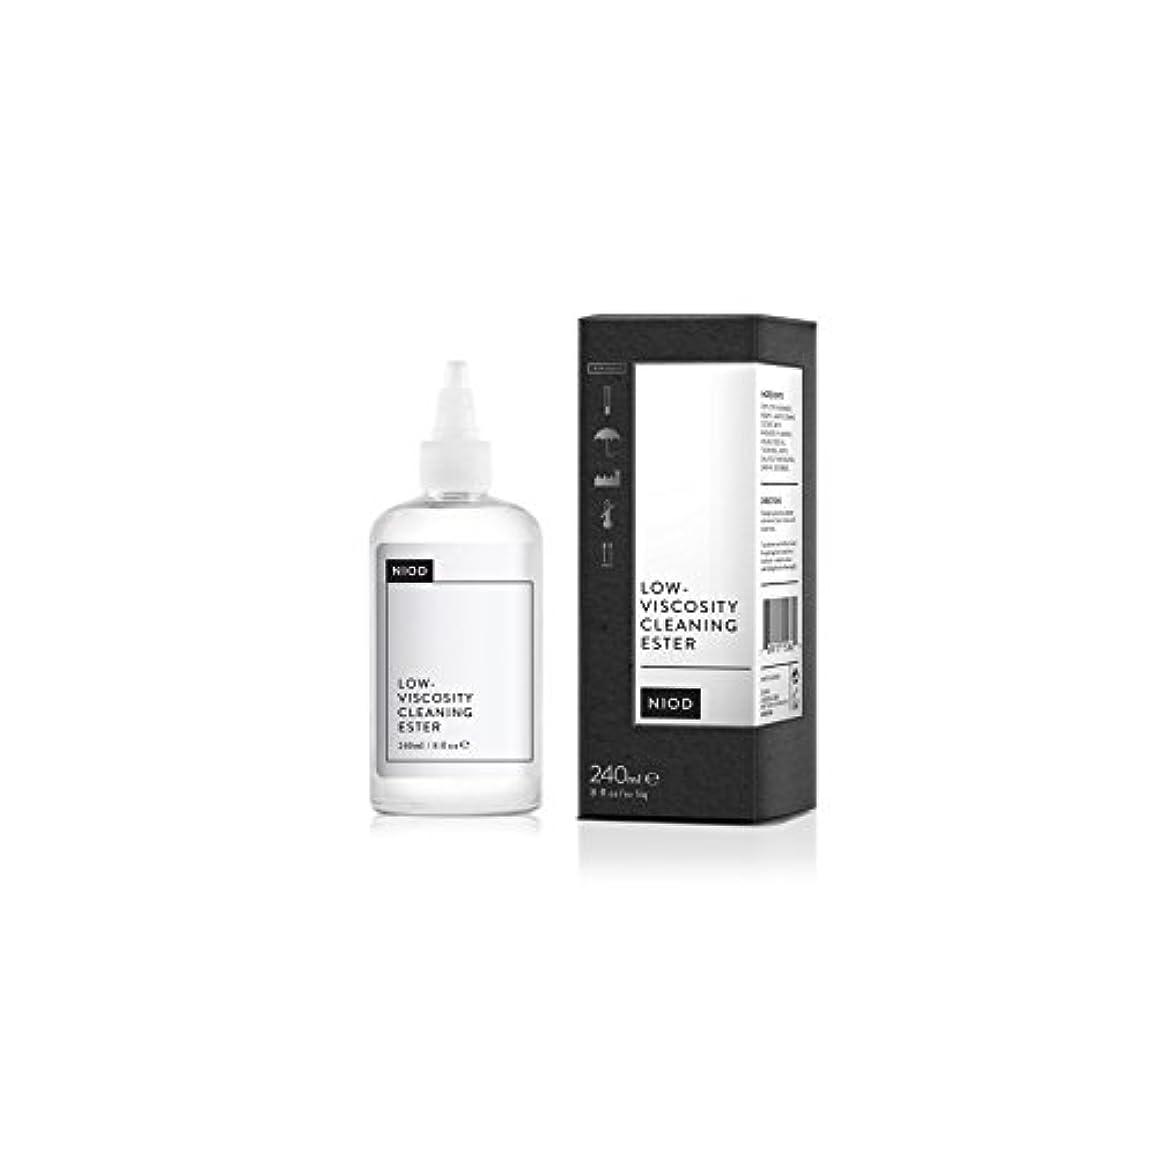 低粘度のクリーニングエステル(240ミリリットル) x4 - Niod Low-Viscosity Cleaning Ester (240ml) (Pack of 4) [並行輸入品]